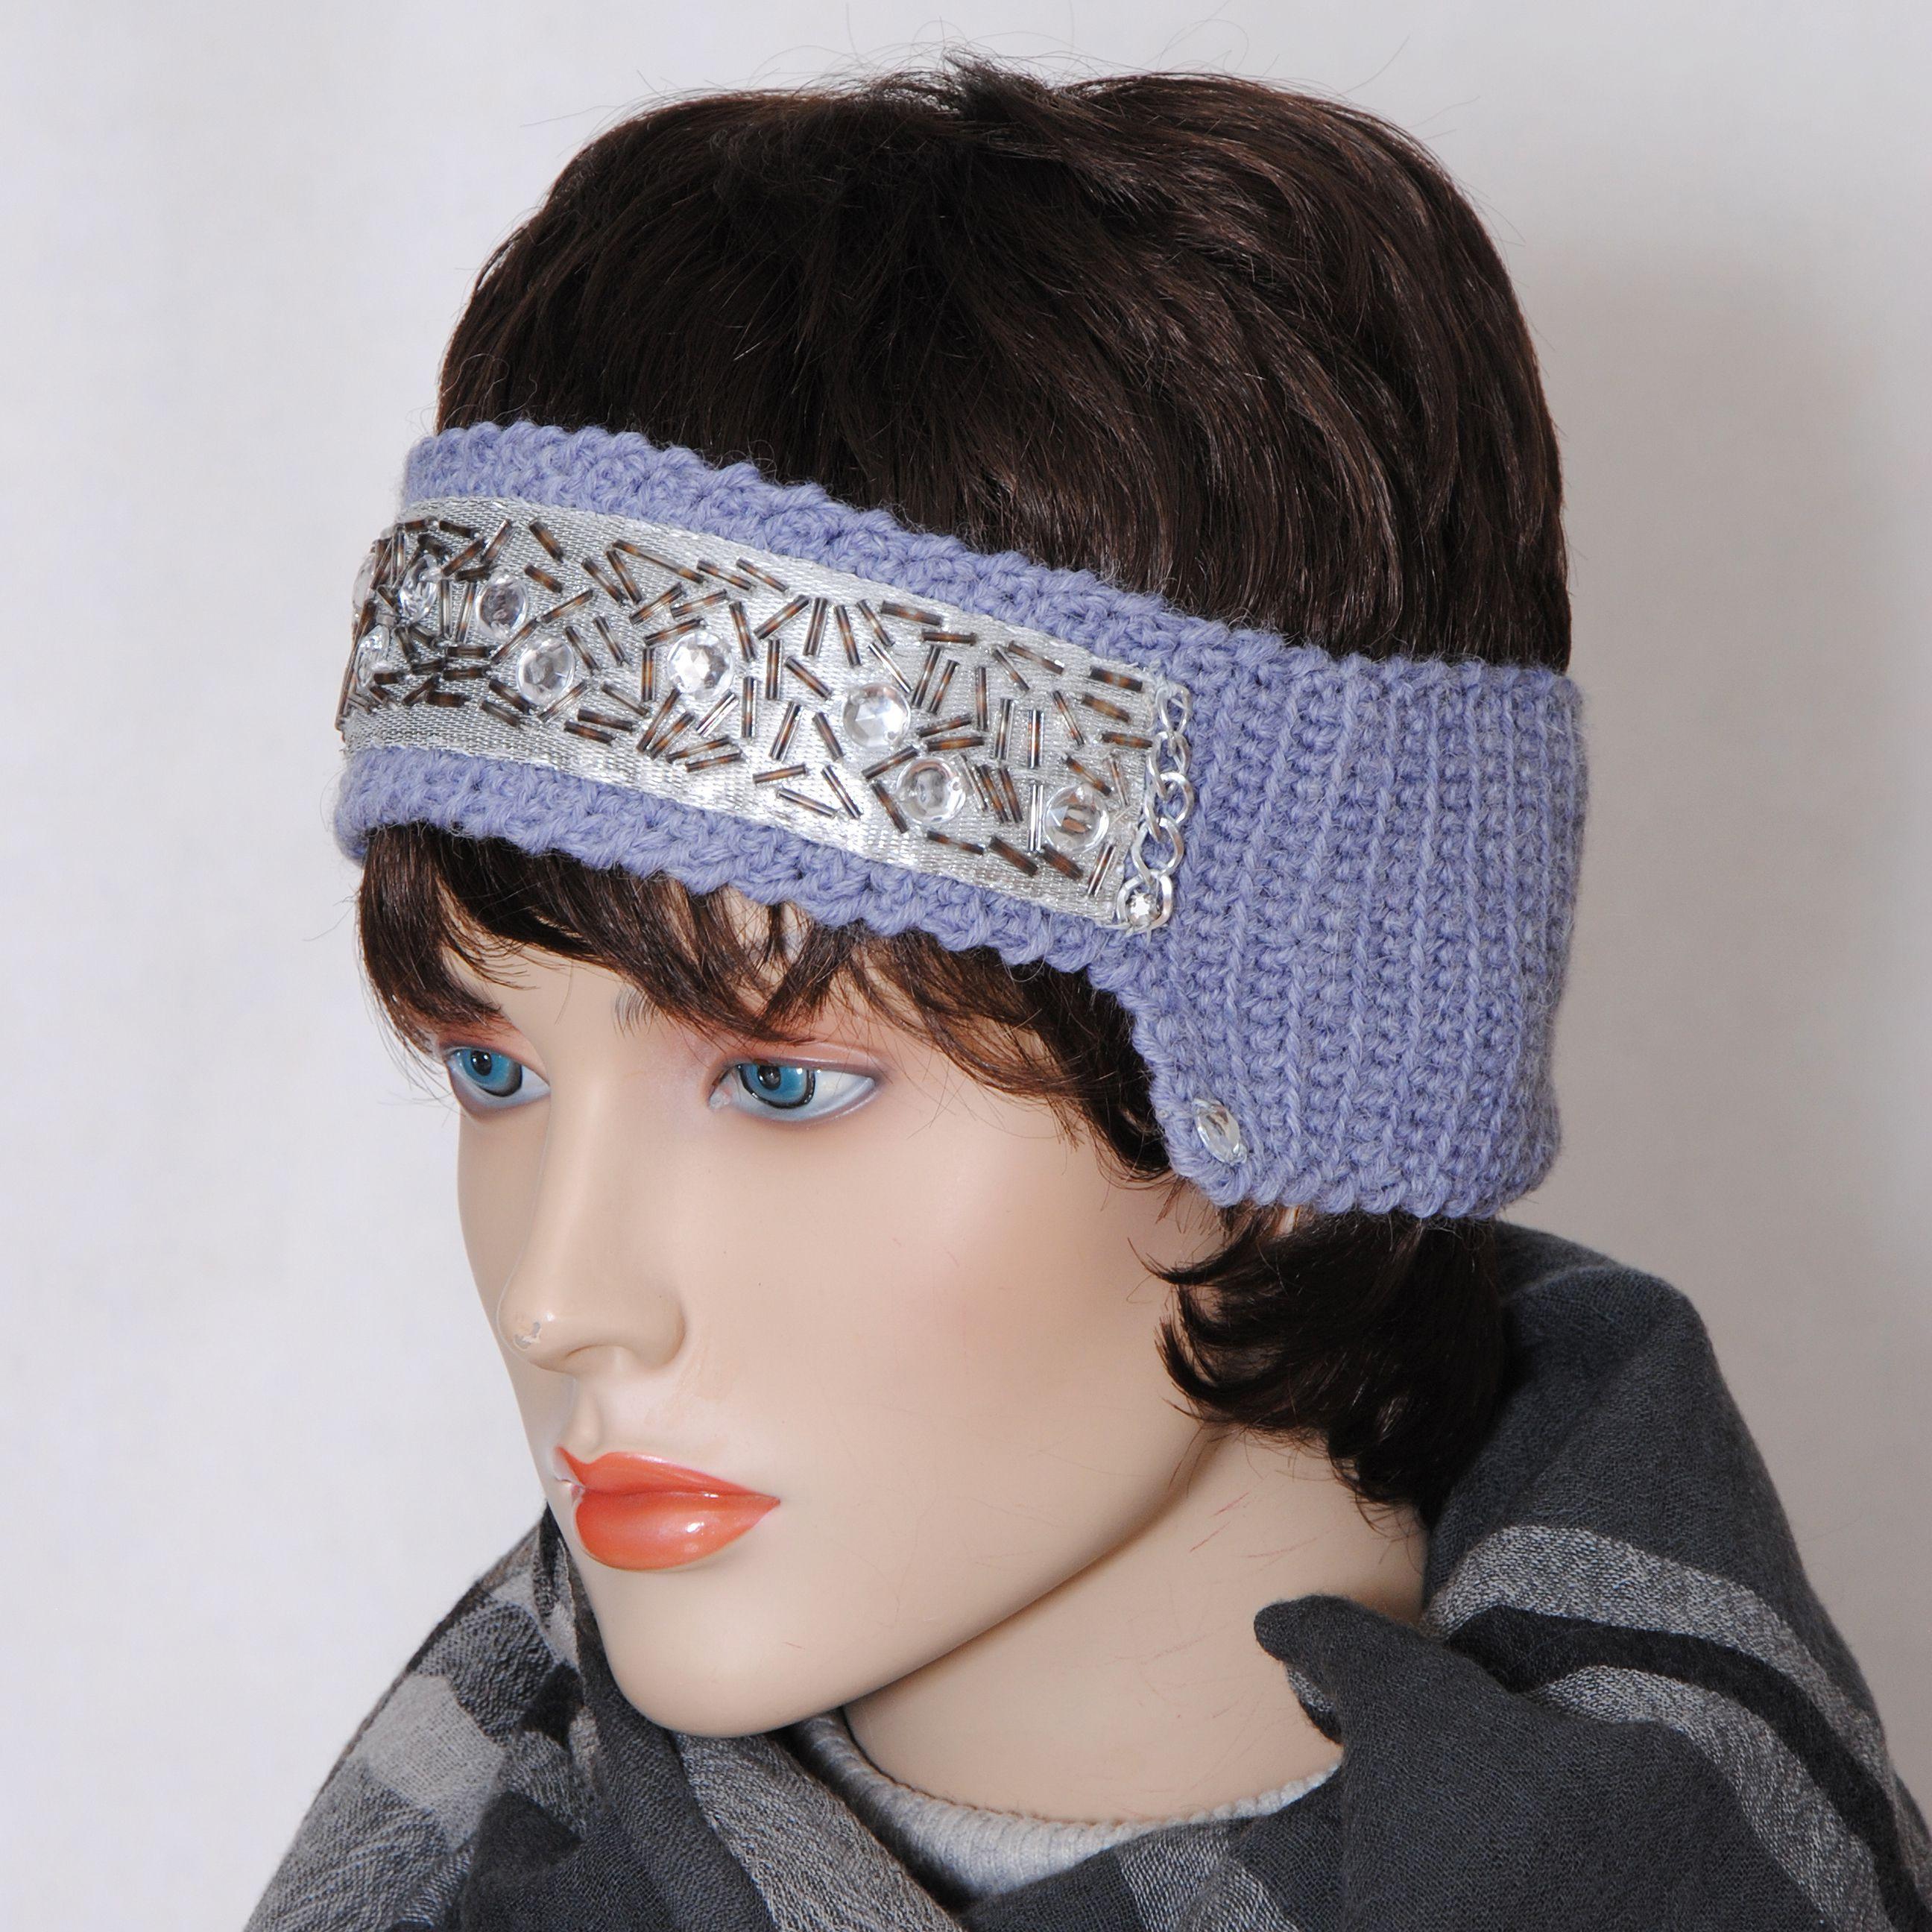 голову подруге подарок купить шапка шанель девушками шапочка